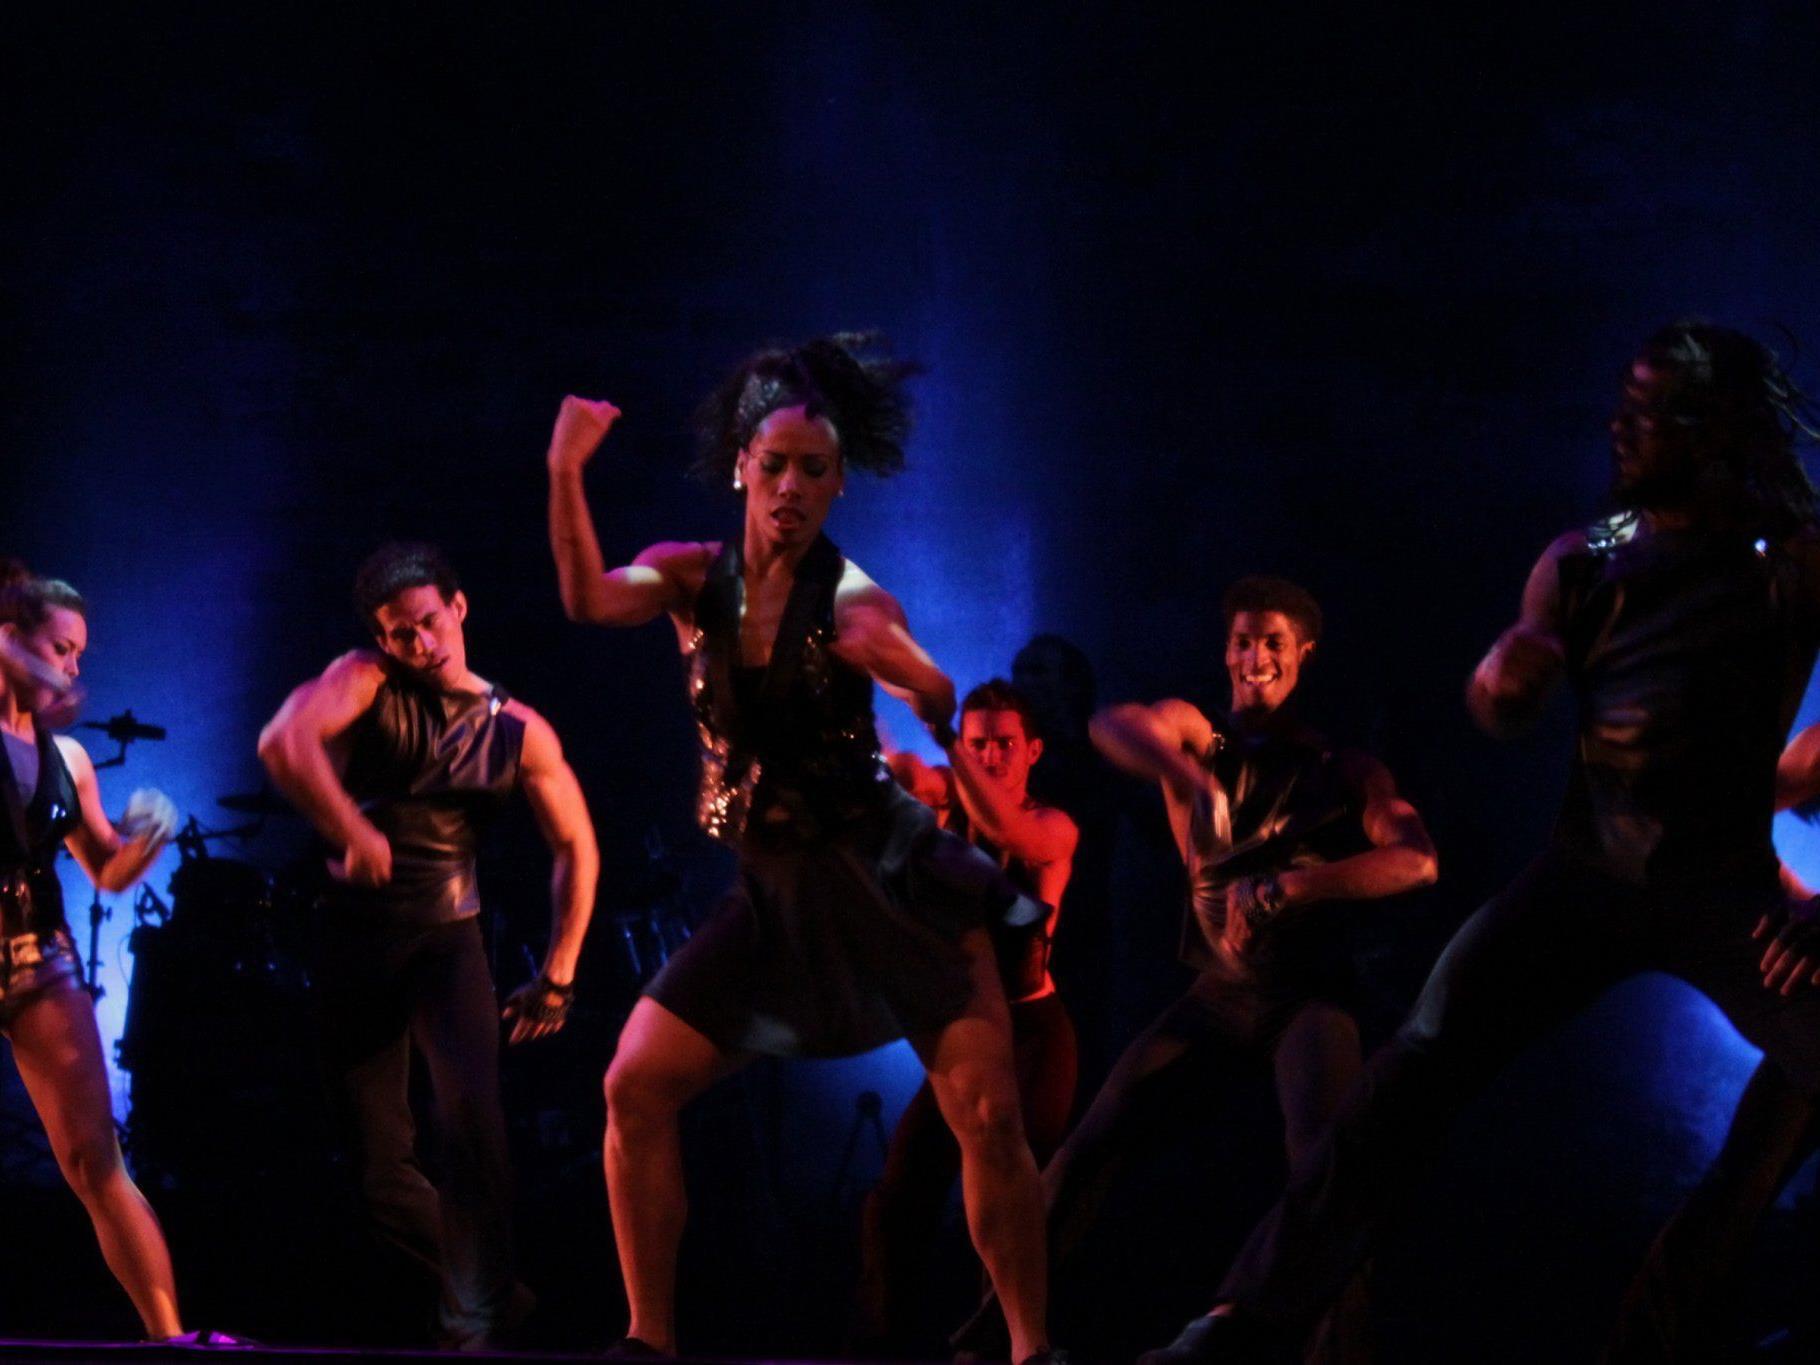 Beim Ballet Revolucion im Museumsquartier treffen sich kubanisches Feuer und karibische Grazie